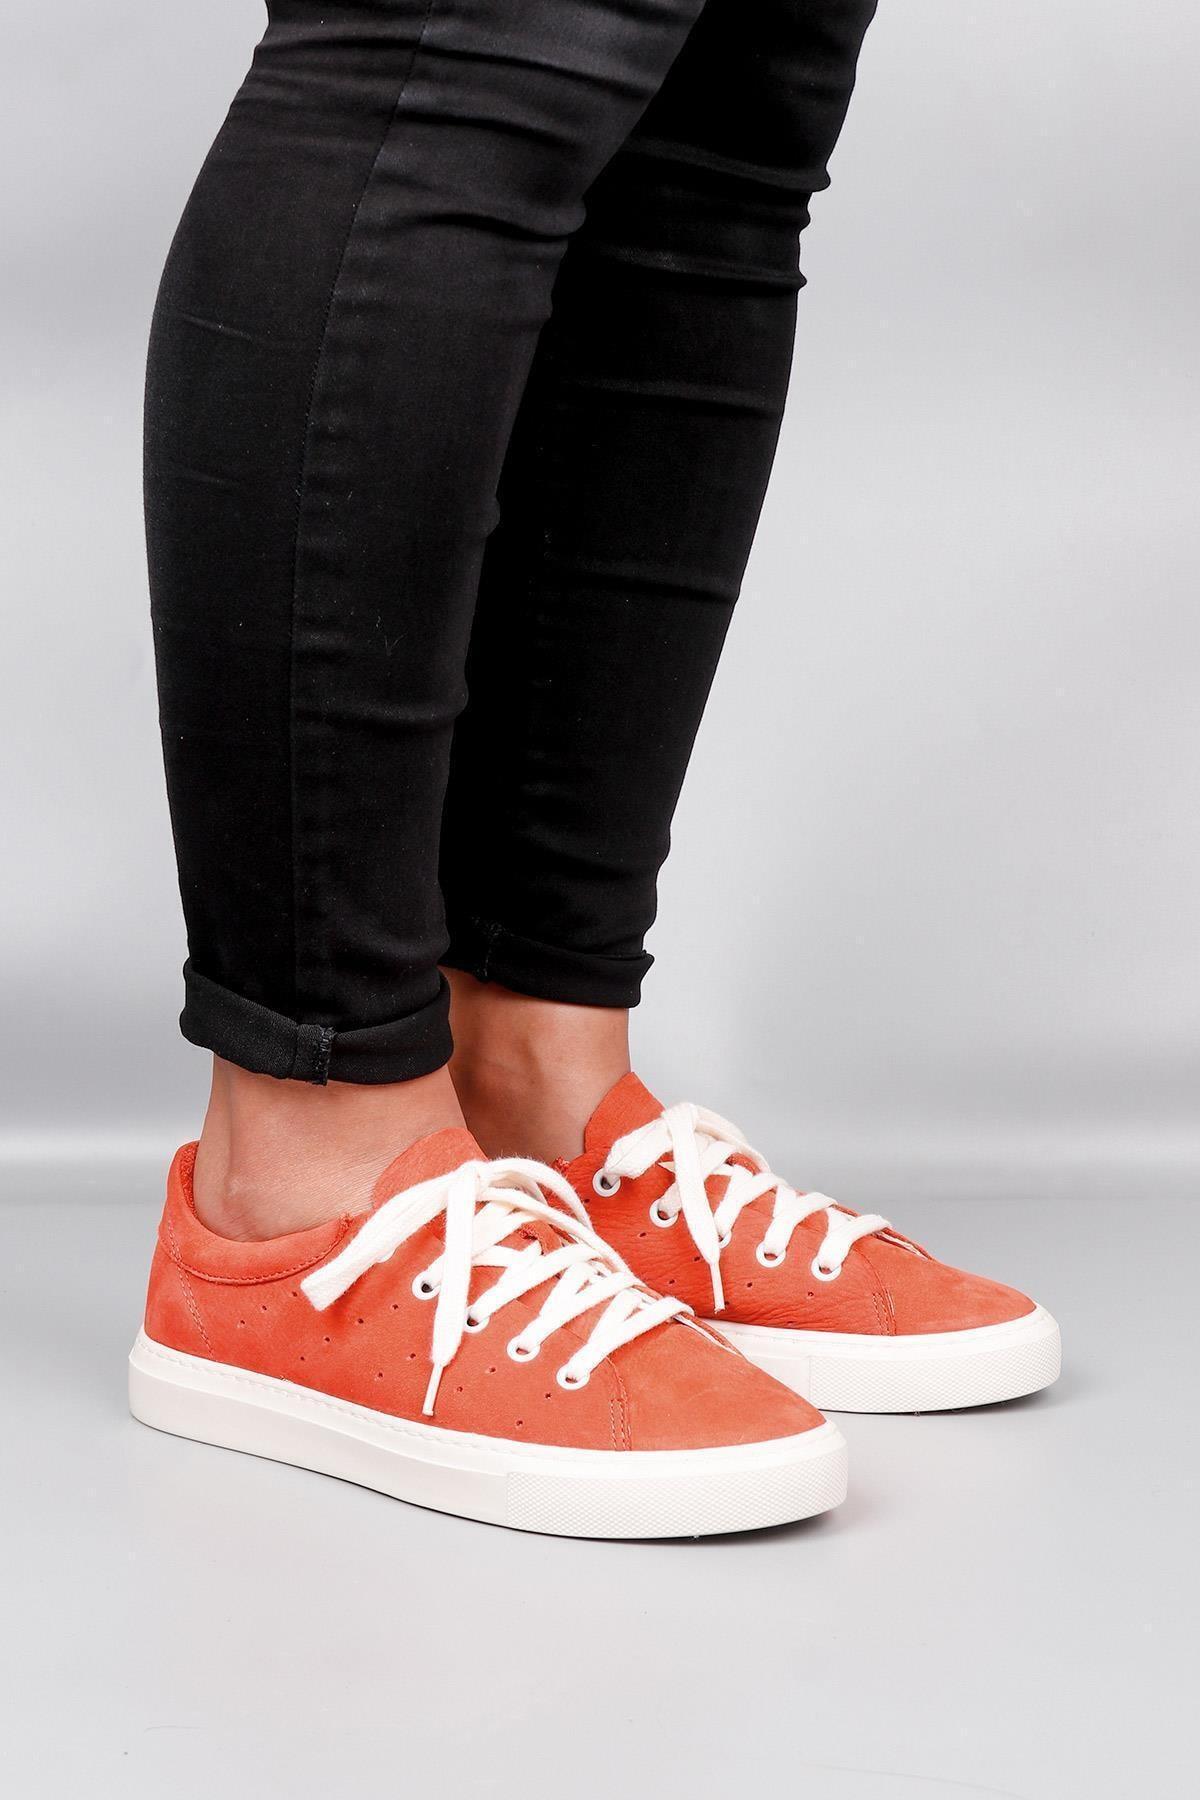 BUENO Shoes Hakiki Deri Yanları Nokta Detaylı Bağcıklı Kadın Spor Ayakkabı 20wq4700 1